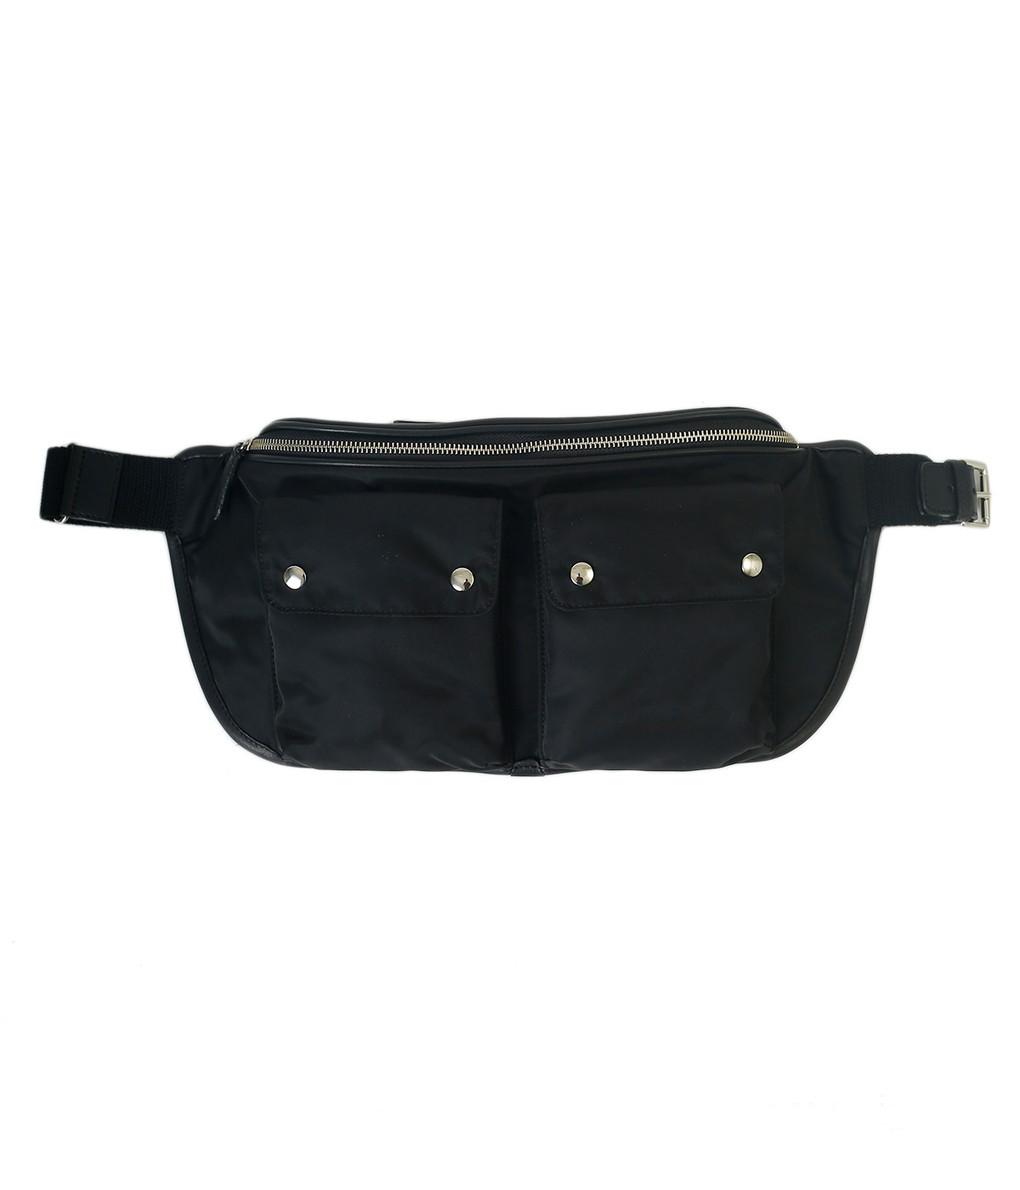 Felisi / フェリージ : Waist Bag : バッグ ウエストバッグ フェリージ ナイロン 本革 メンズ : 999-1-DSNK041-bjb 【BJB】